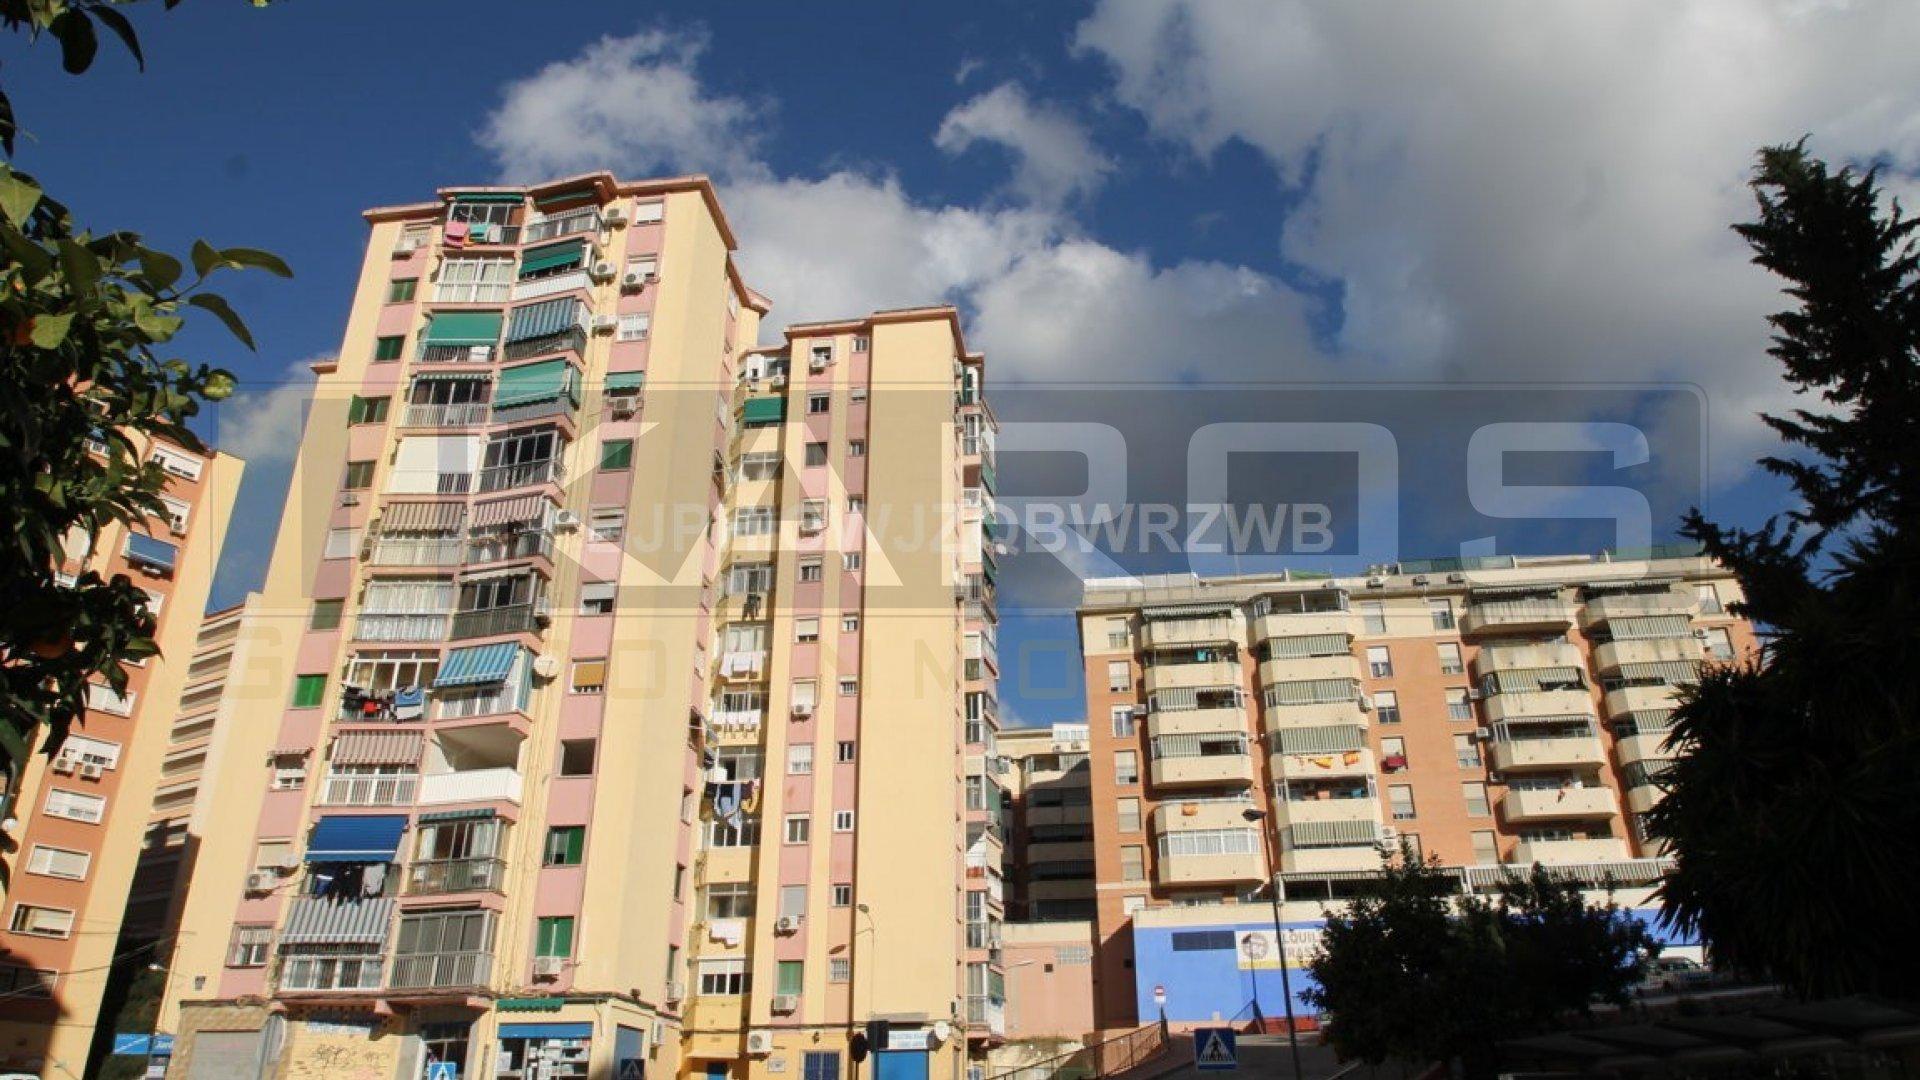 Venta m laga ciudad jard n apartamento apartamento for Centro de salud ciudad jardin